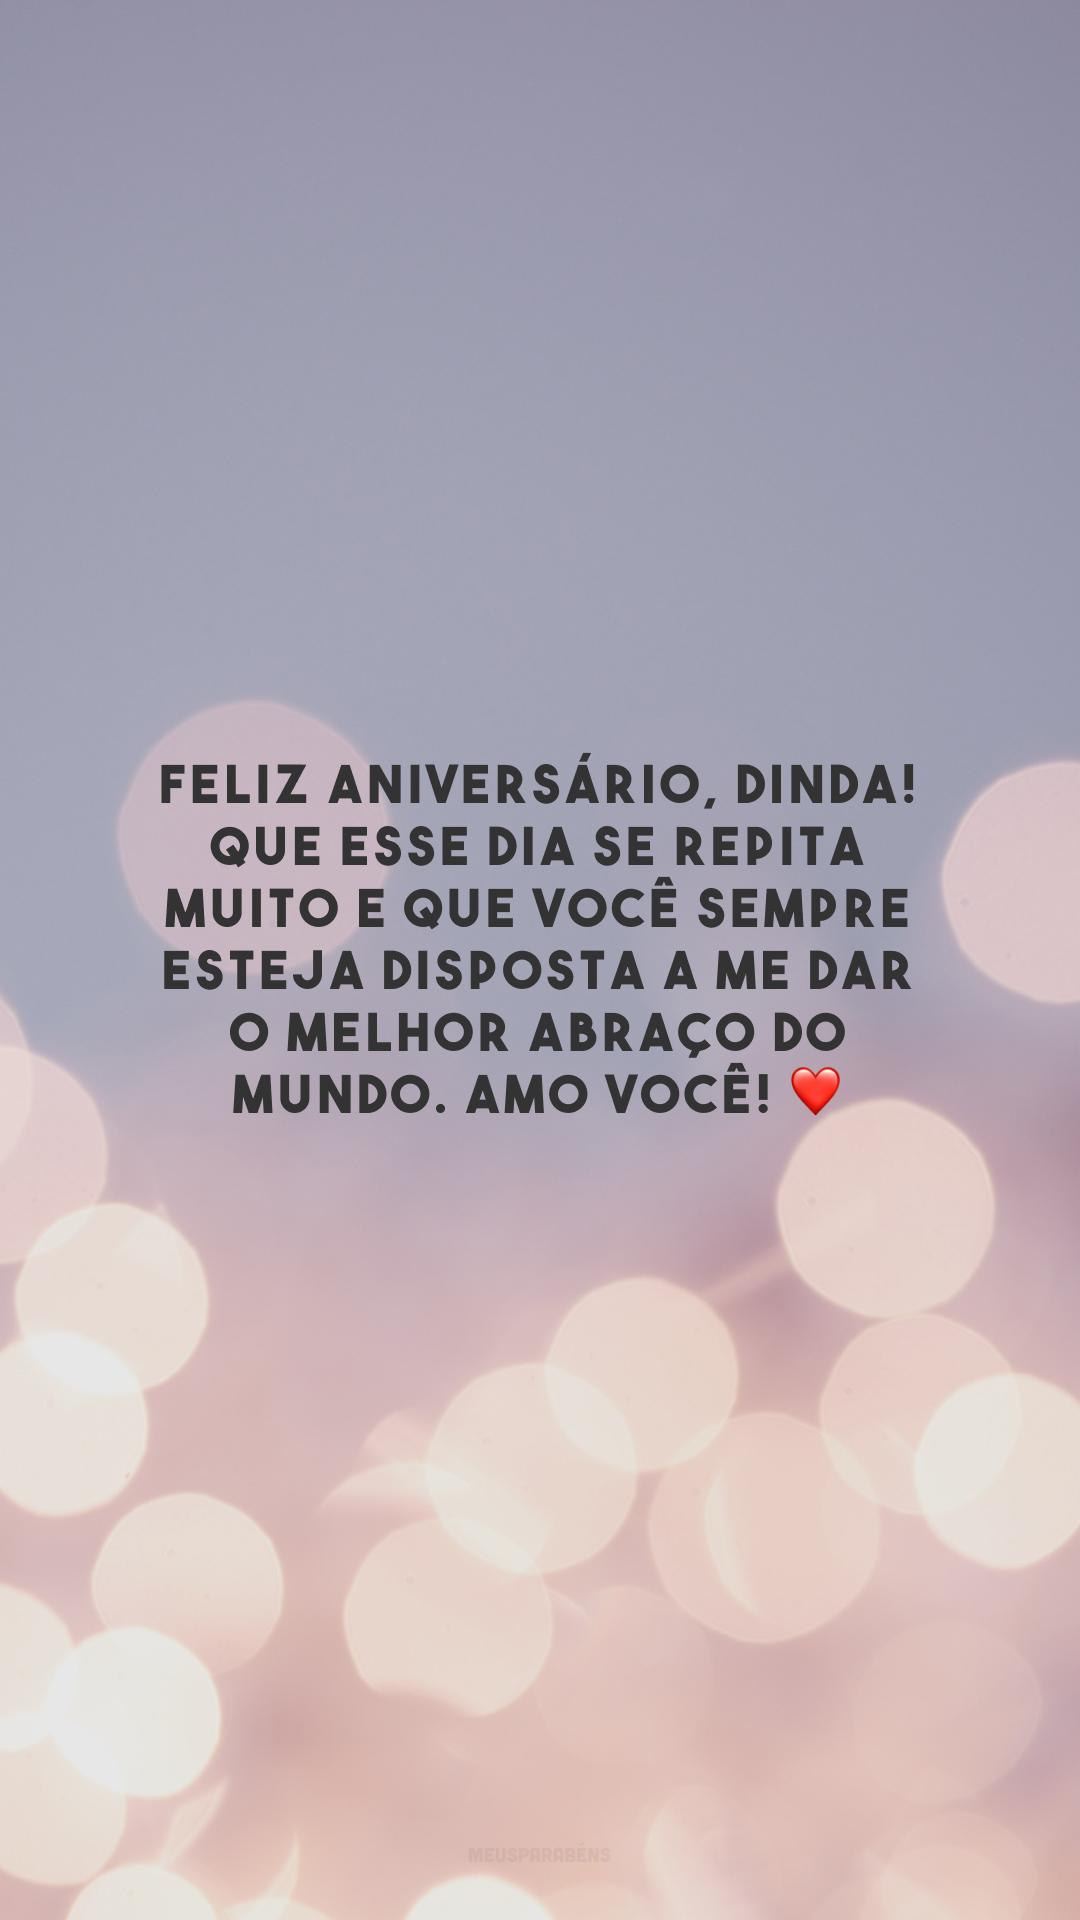 Feliz aniversário, dinda! Que esse dia se repita muito e que você sempre esteja disposta a me dar o melhor abraço do mundo. Amo você! ❤️